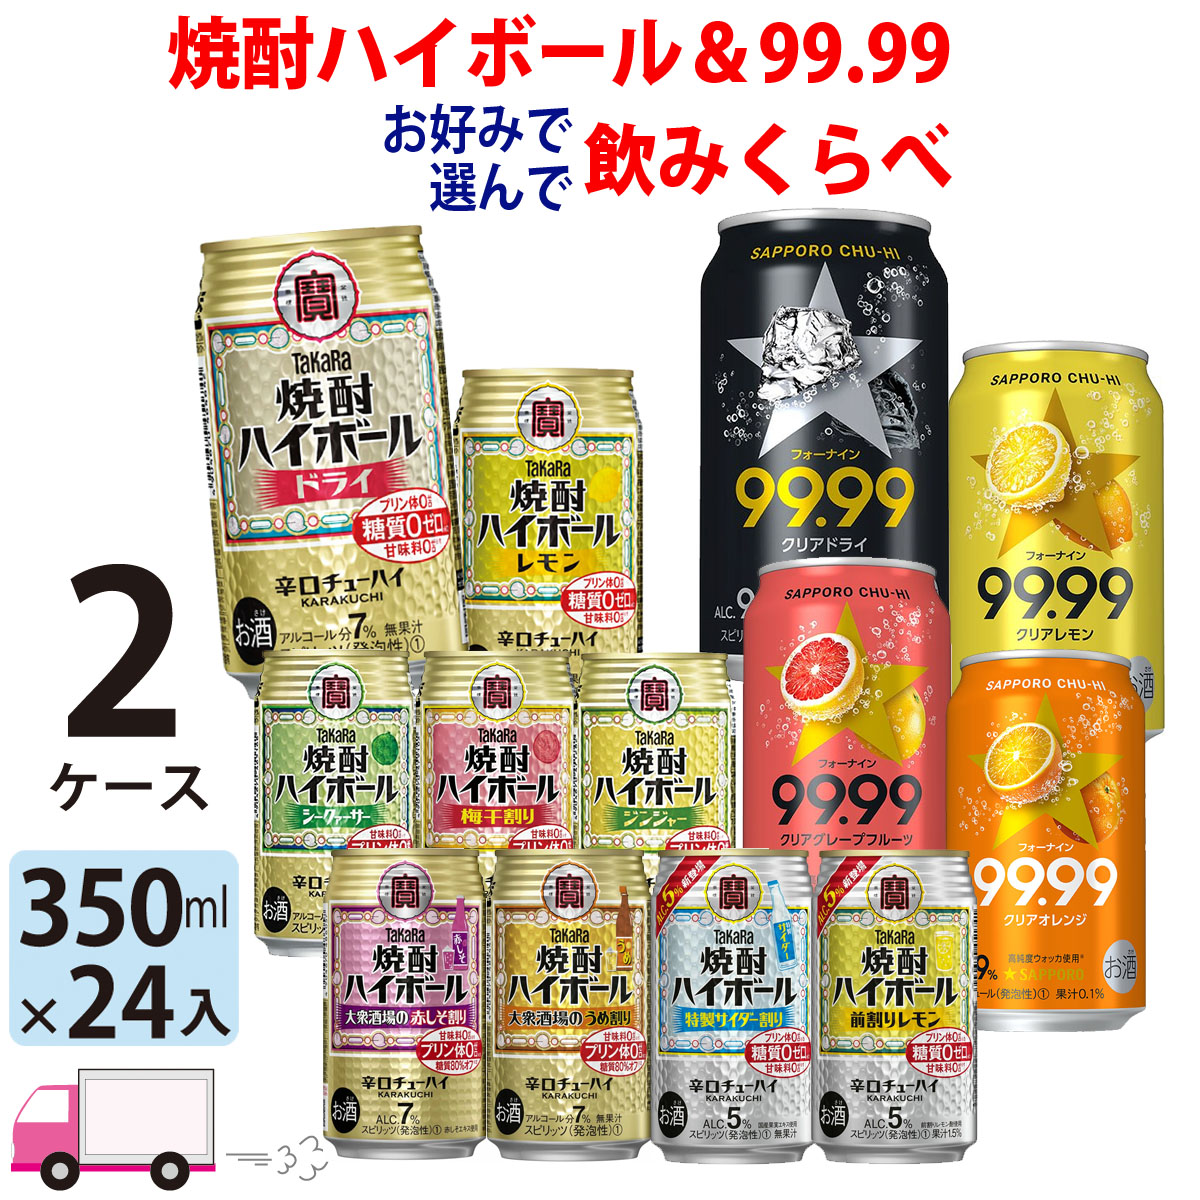 新品■送料無料■ 送料無料 宝 TaKaRa 割引 タカラ 焼酎ハイボール サッポロ 99.99 選べる 350ml缶×2ケース 48本 よりどり